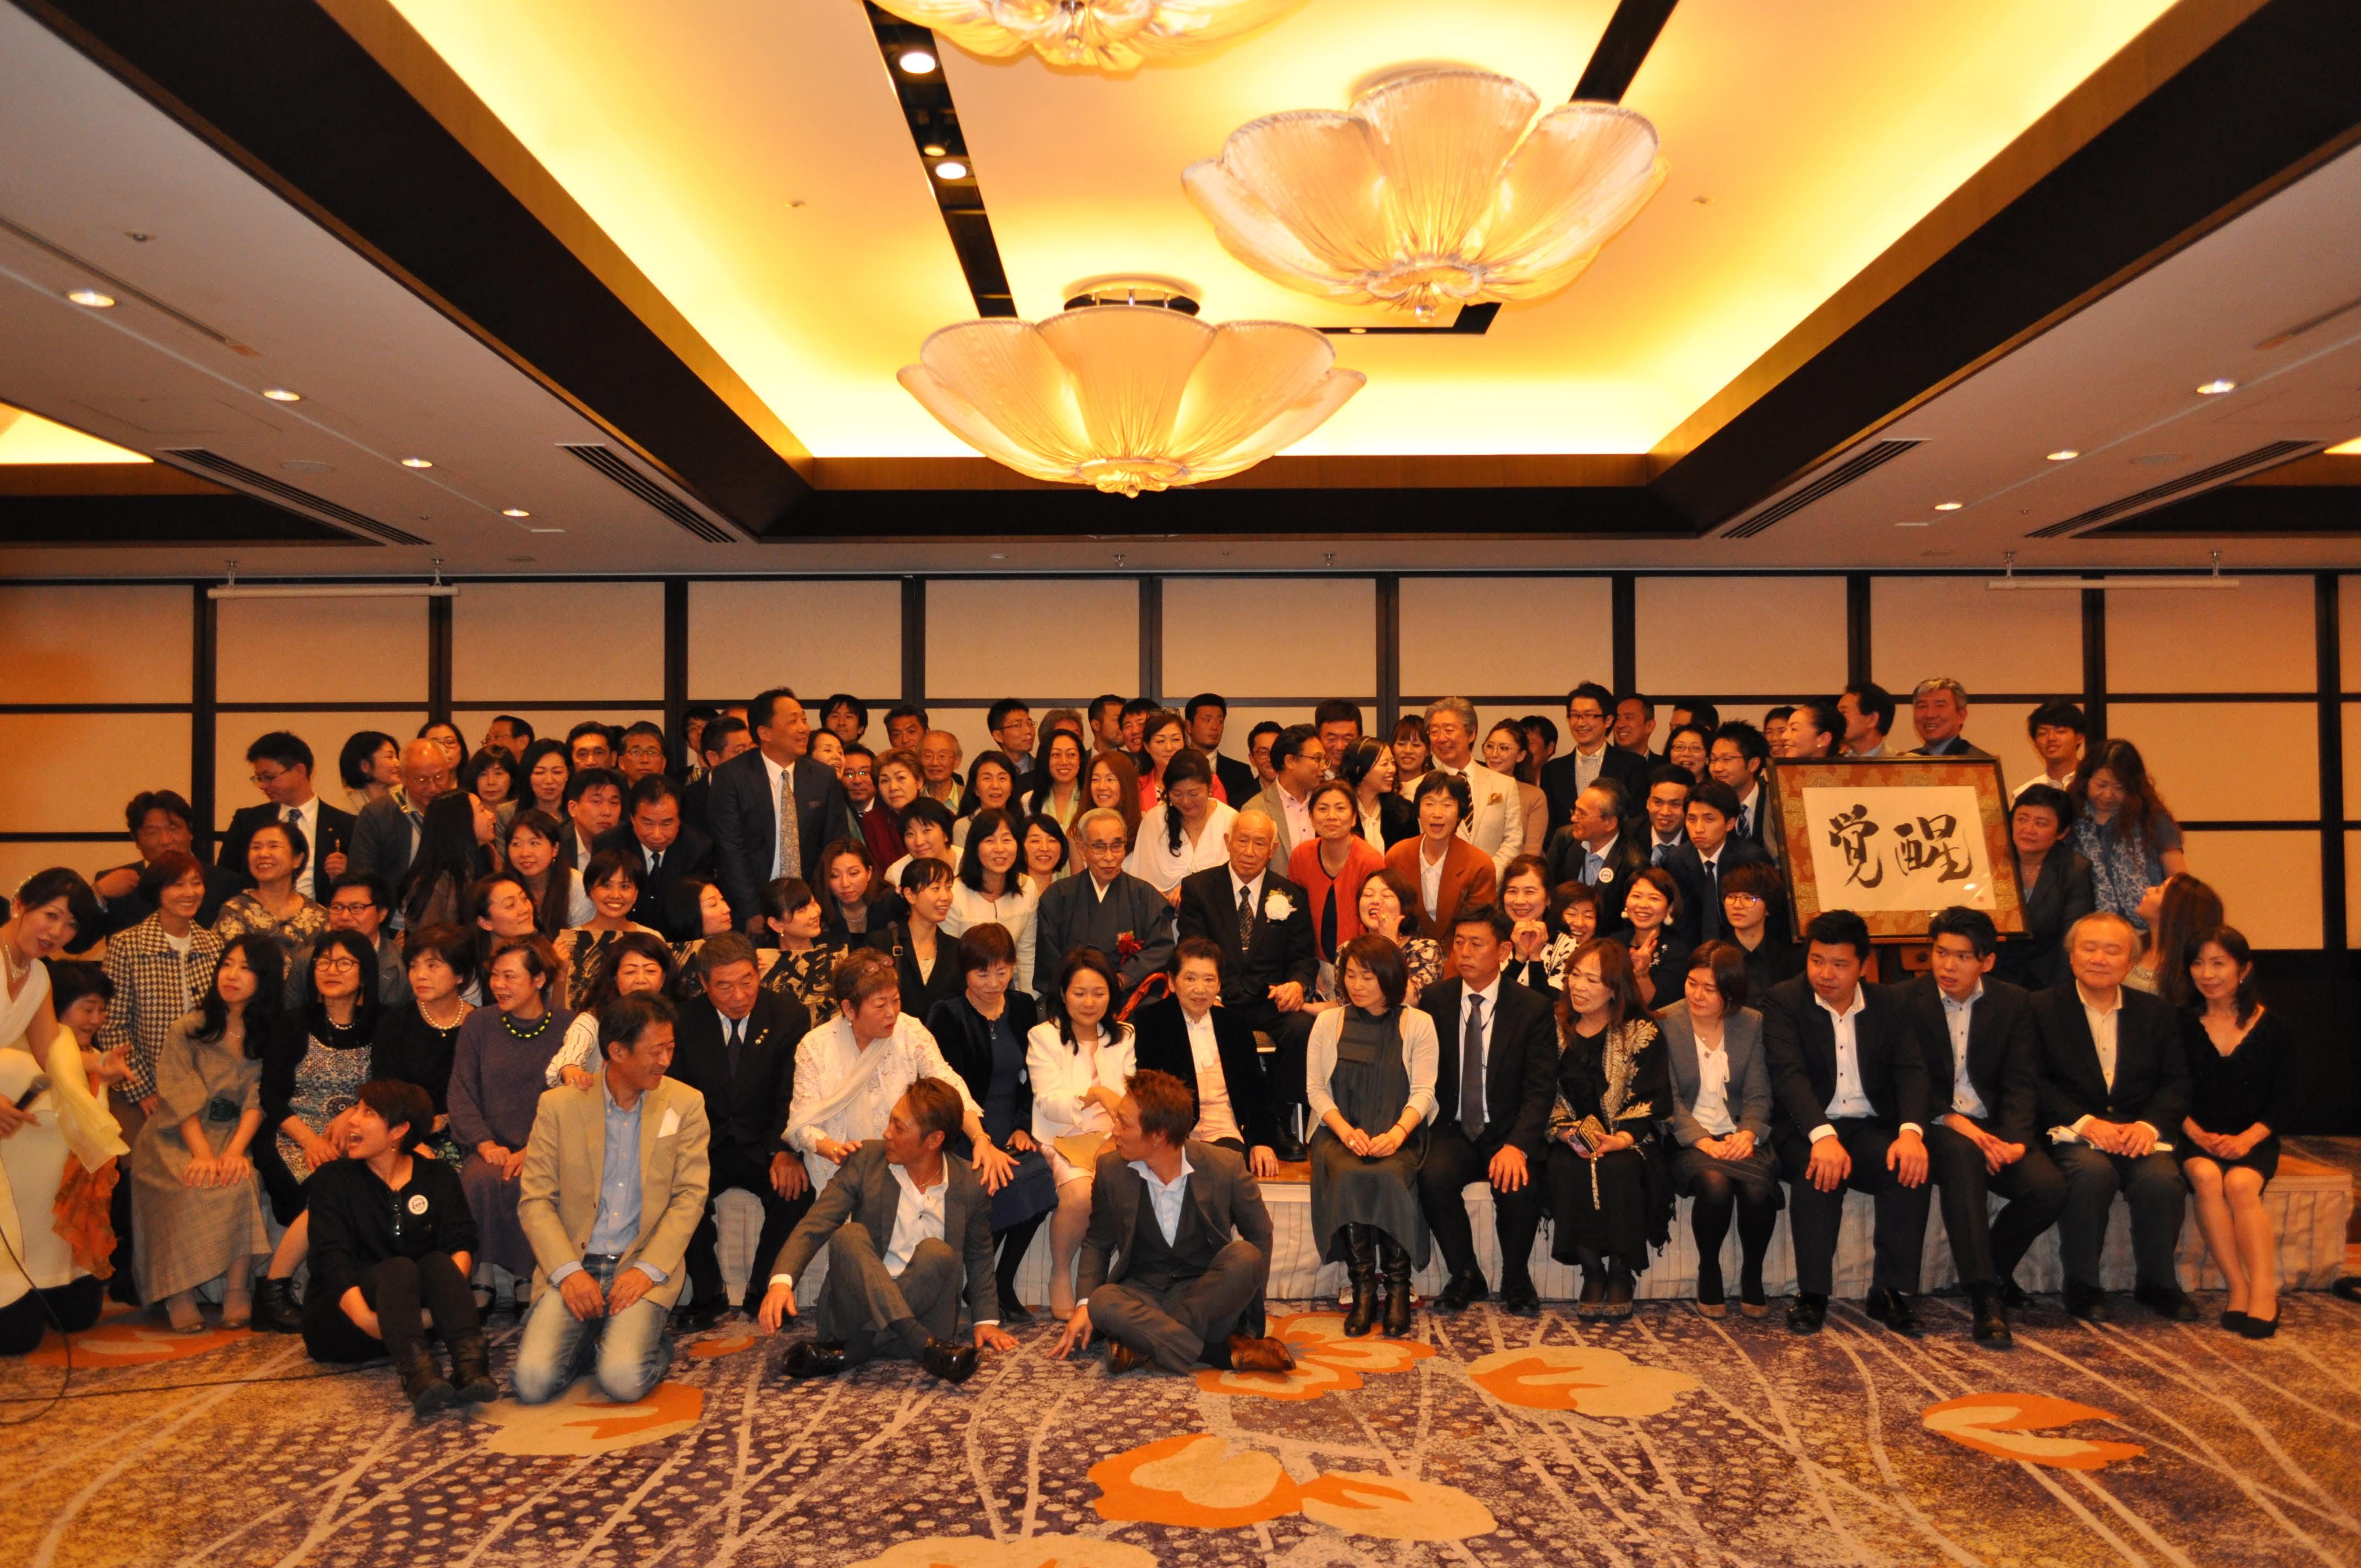 DSC 0604 1 - 思風会全国大会in広島